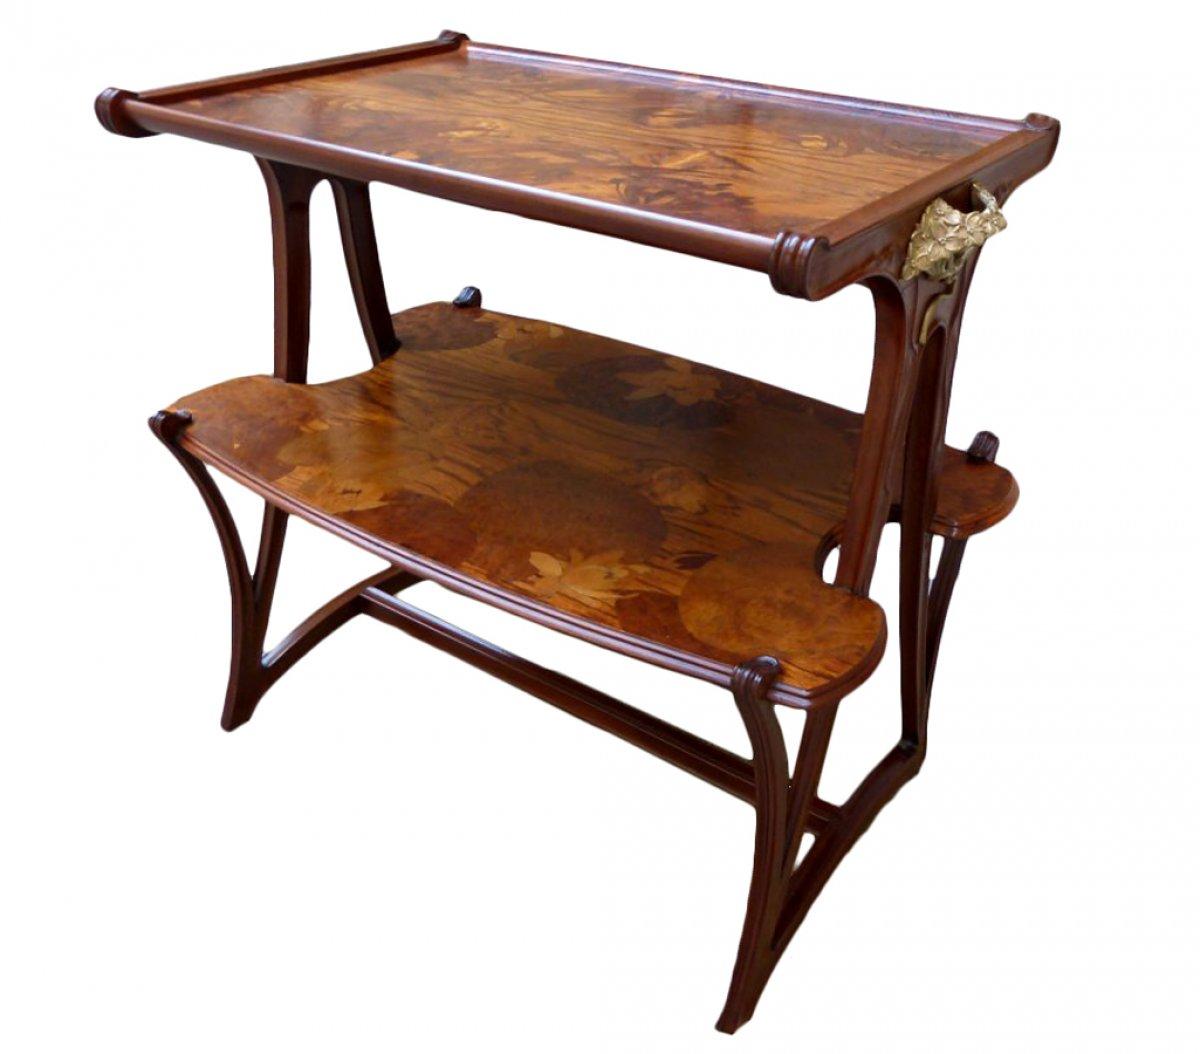 Louis majorelle table desserte aux butom es art nouveau xxe si cle - Art nouveau meuble ...